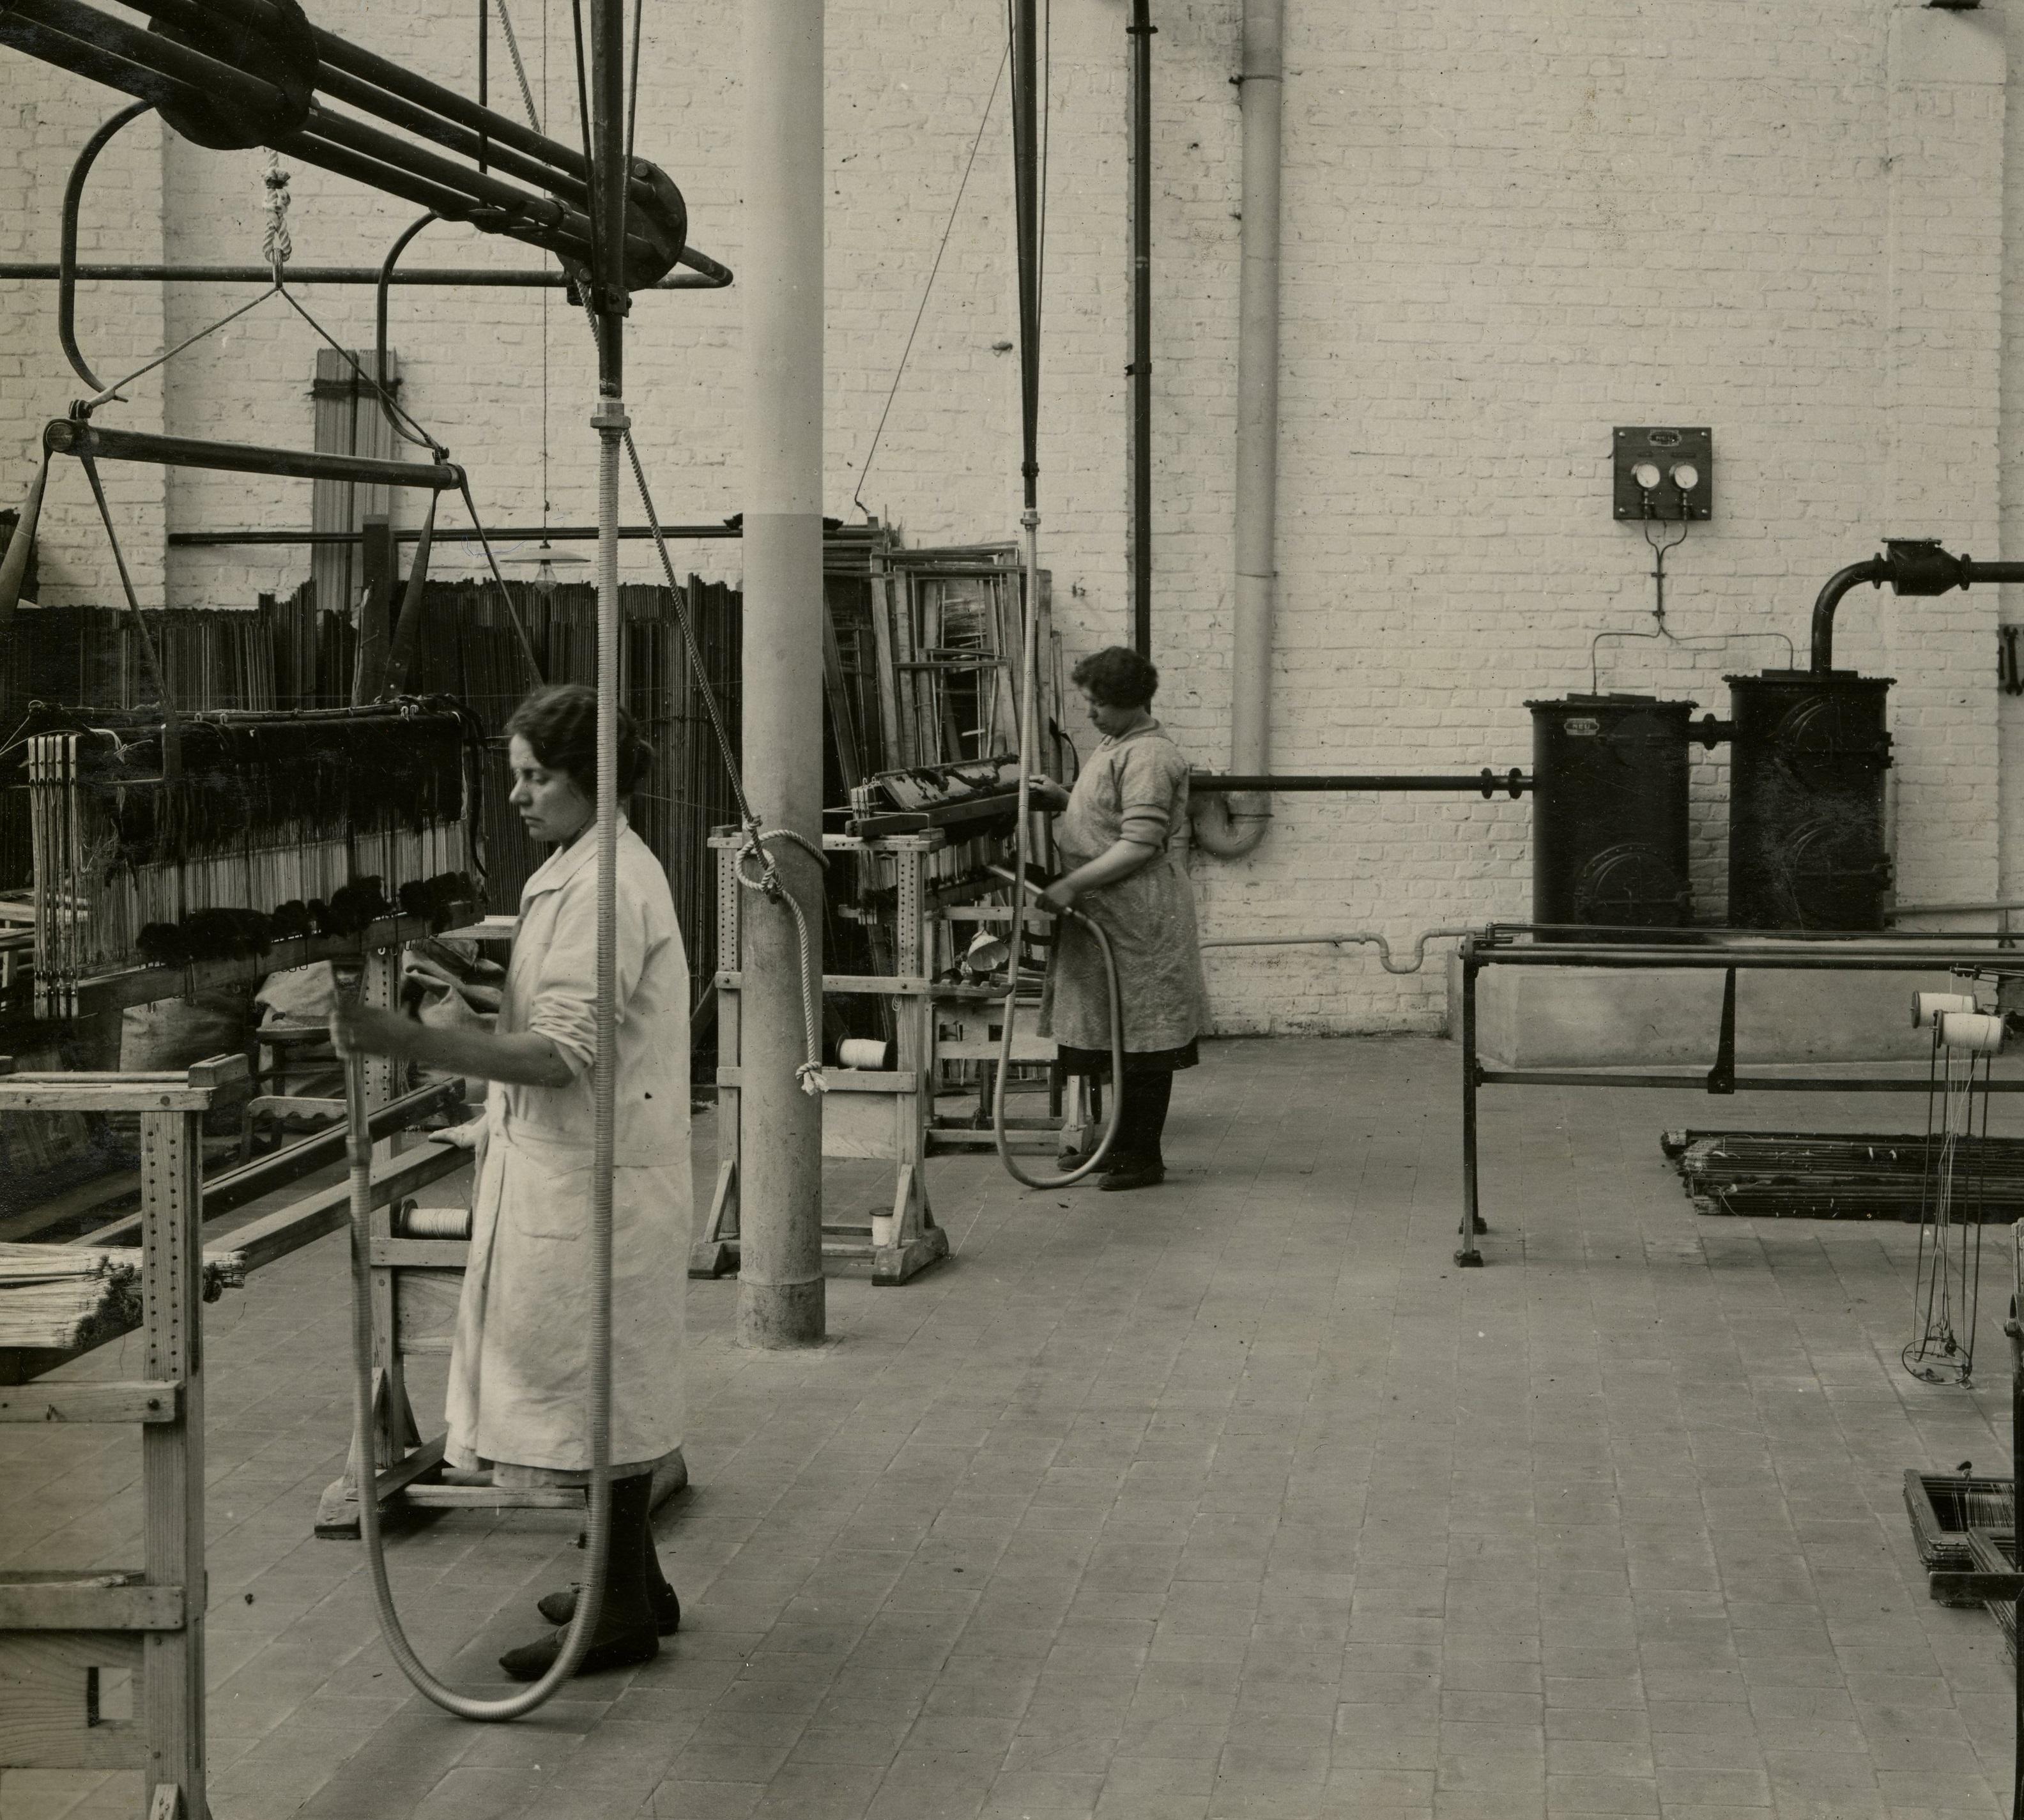 Vue de deux femmes nettoyant des machines.